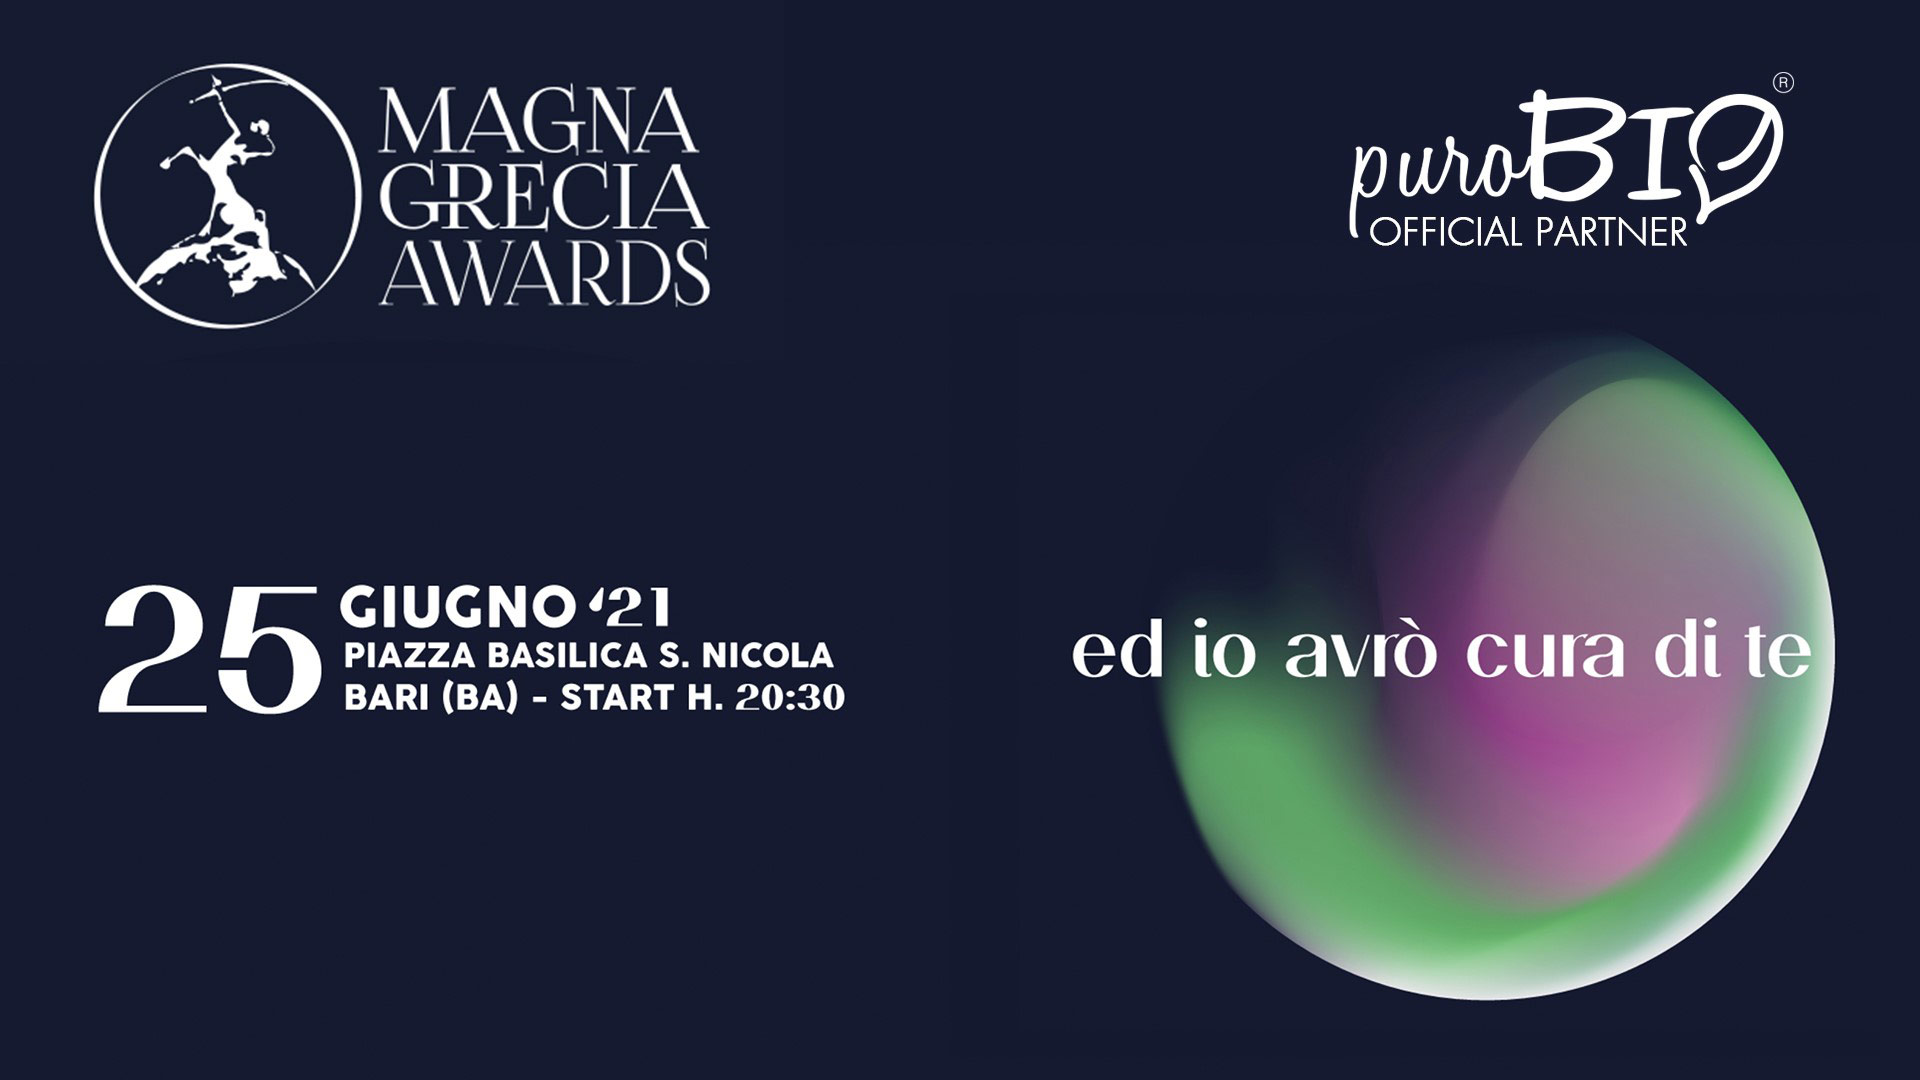 magna-grecia-awards-e-purobio